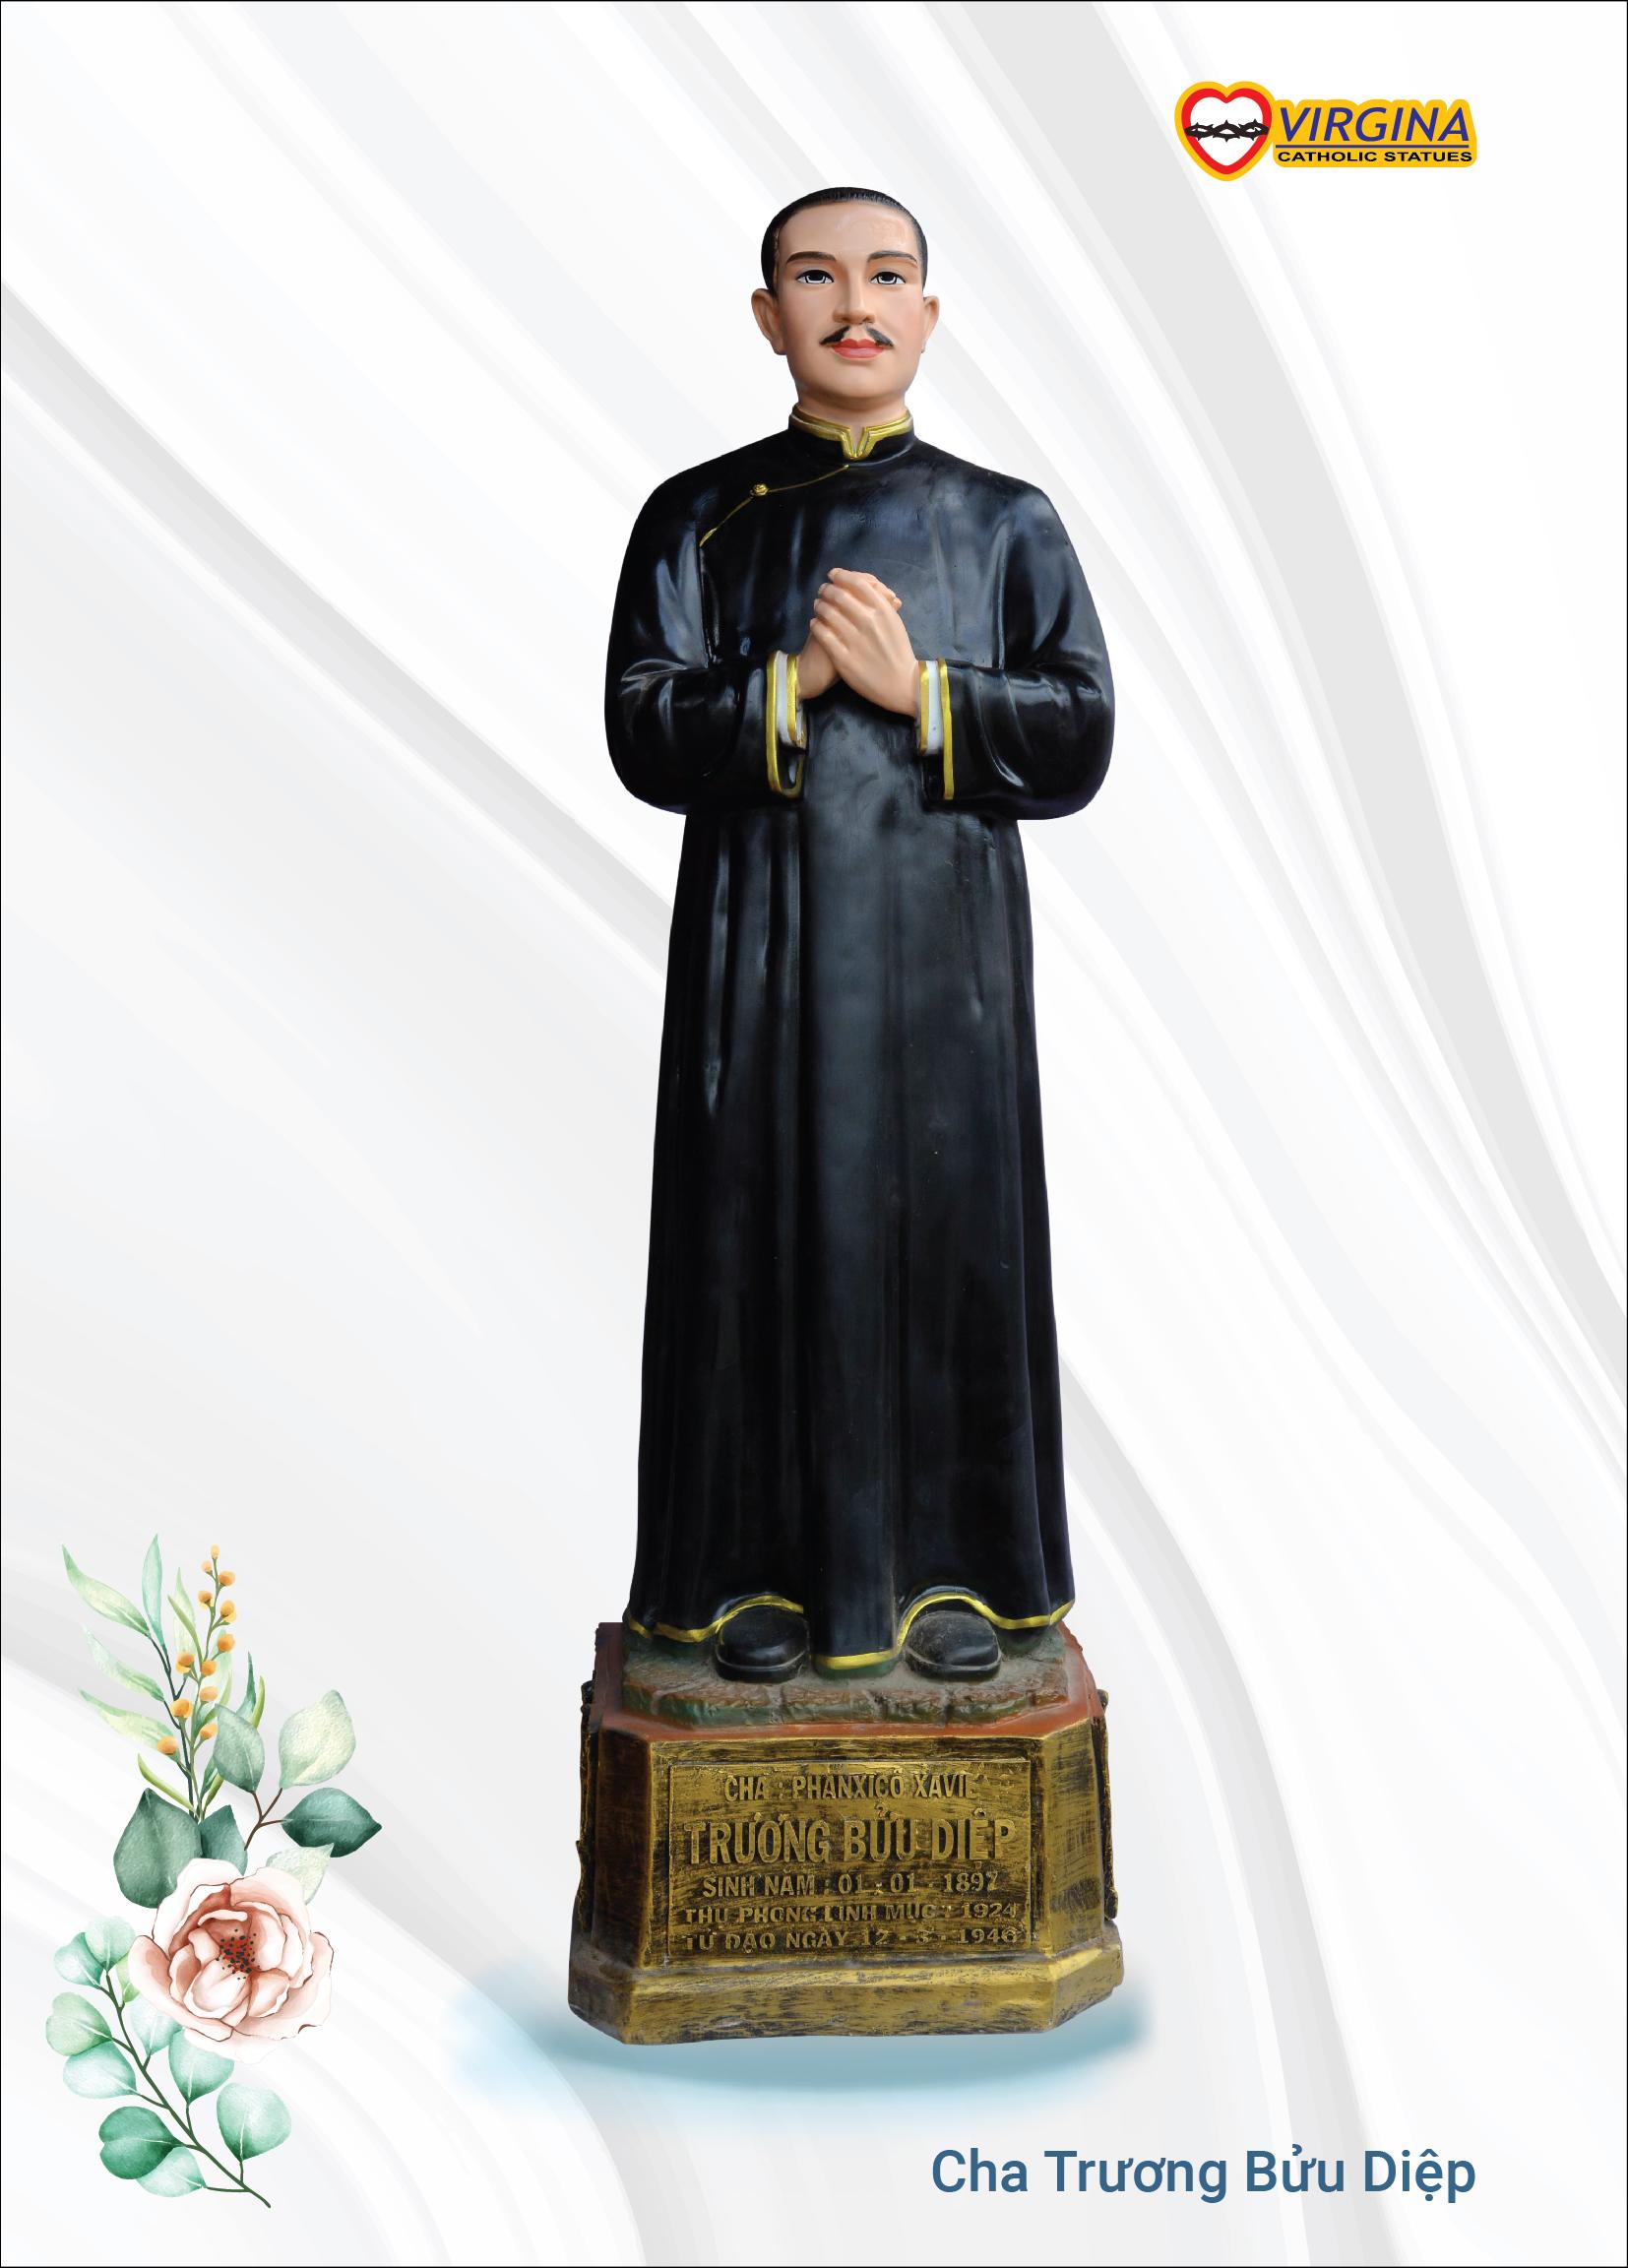 Cha Trương Bửu Diệp